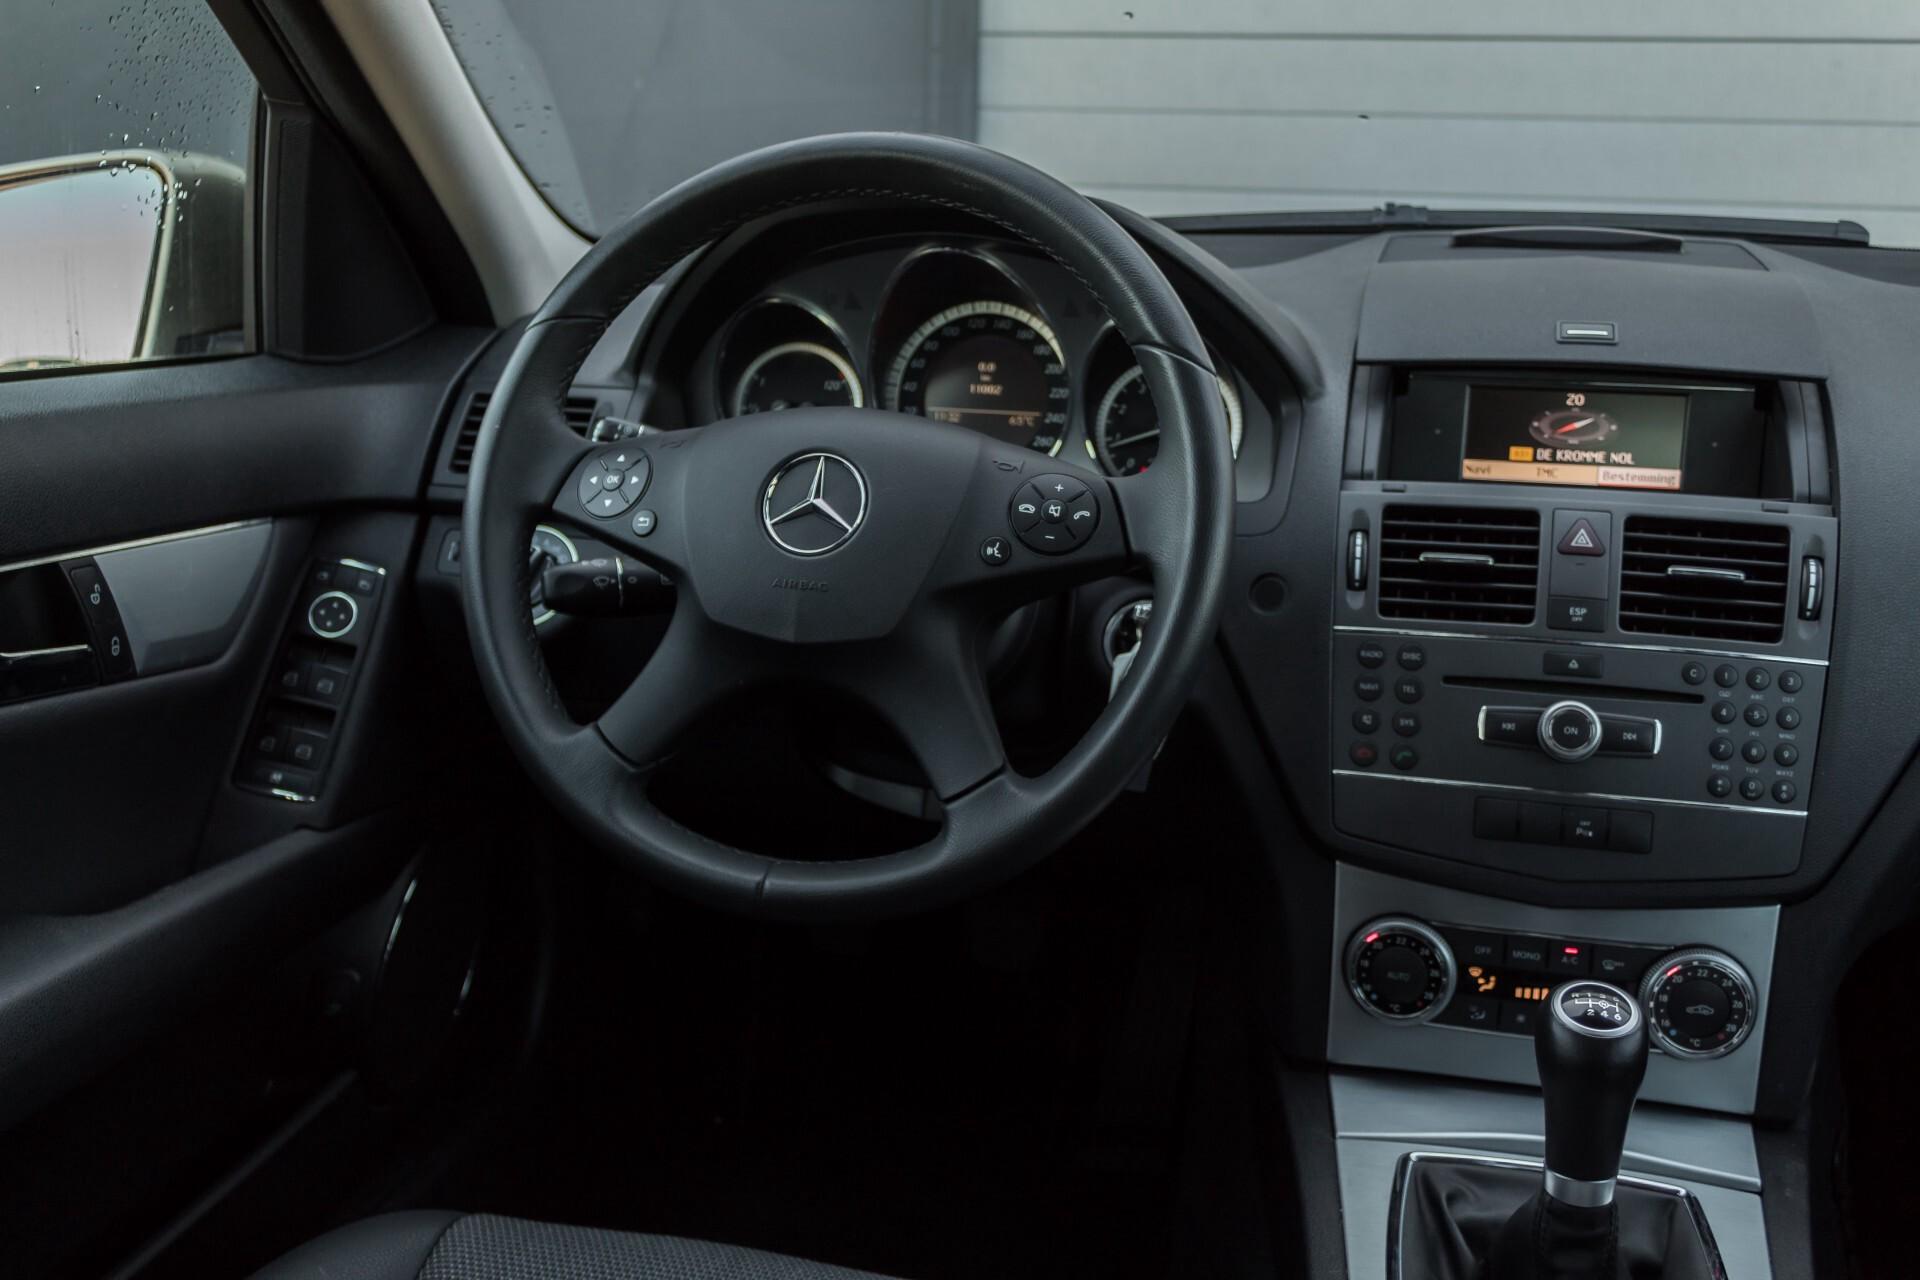 Mercedes-Benz C-Klasse 180 K Avantgarde 1ste eigenaar/NL geleverd/Dealer onderhouden/Volledig gedocumenteerd Foto 6